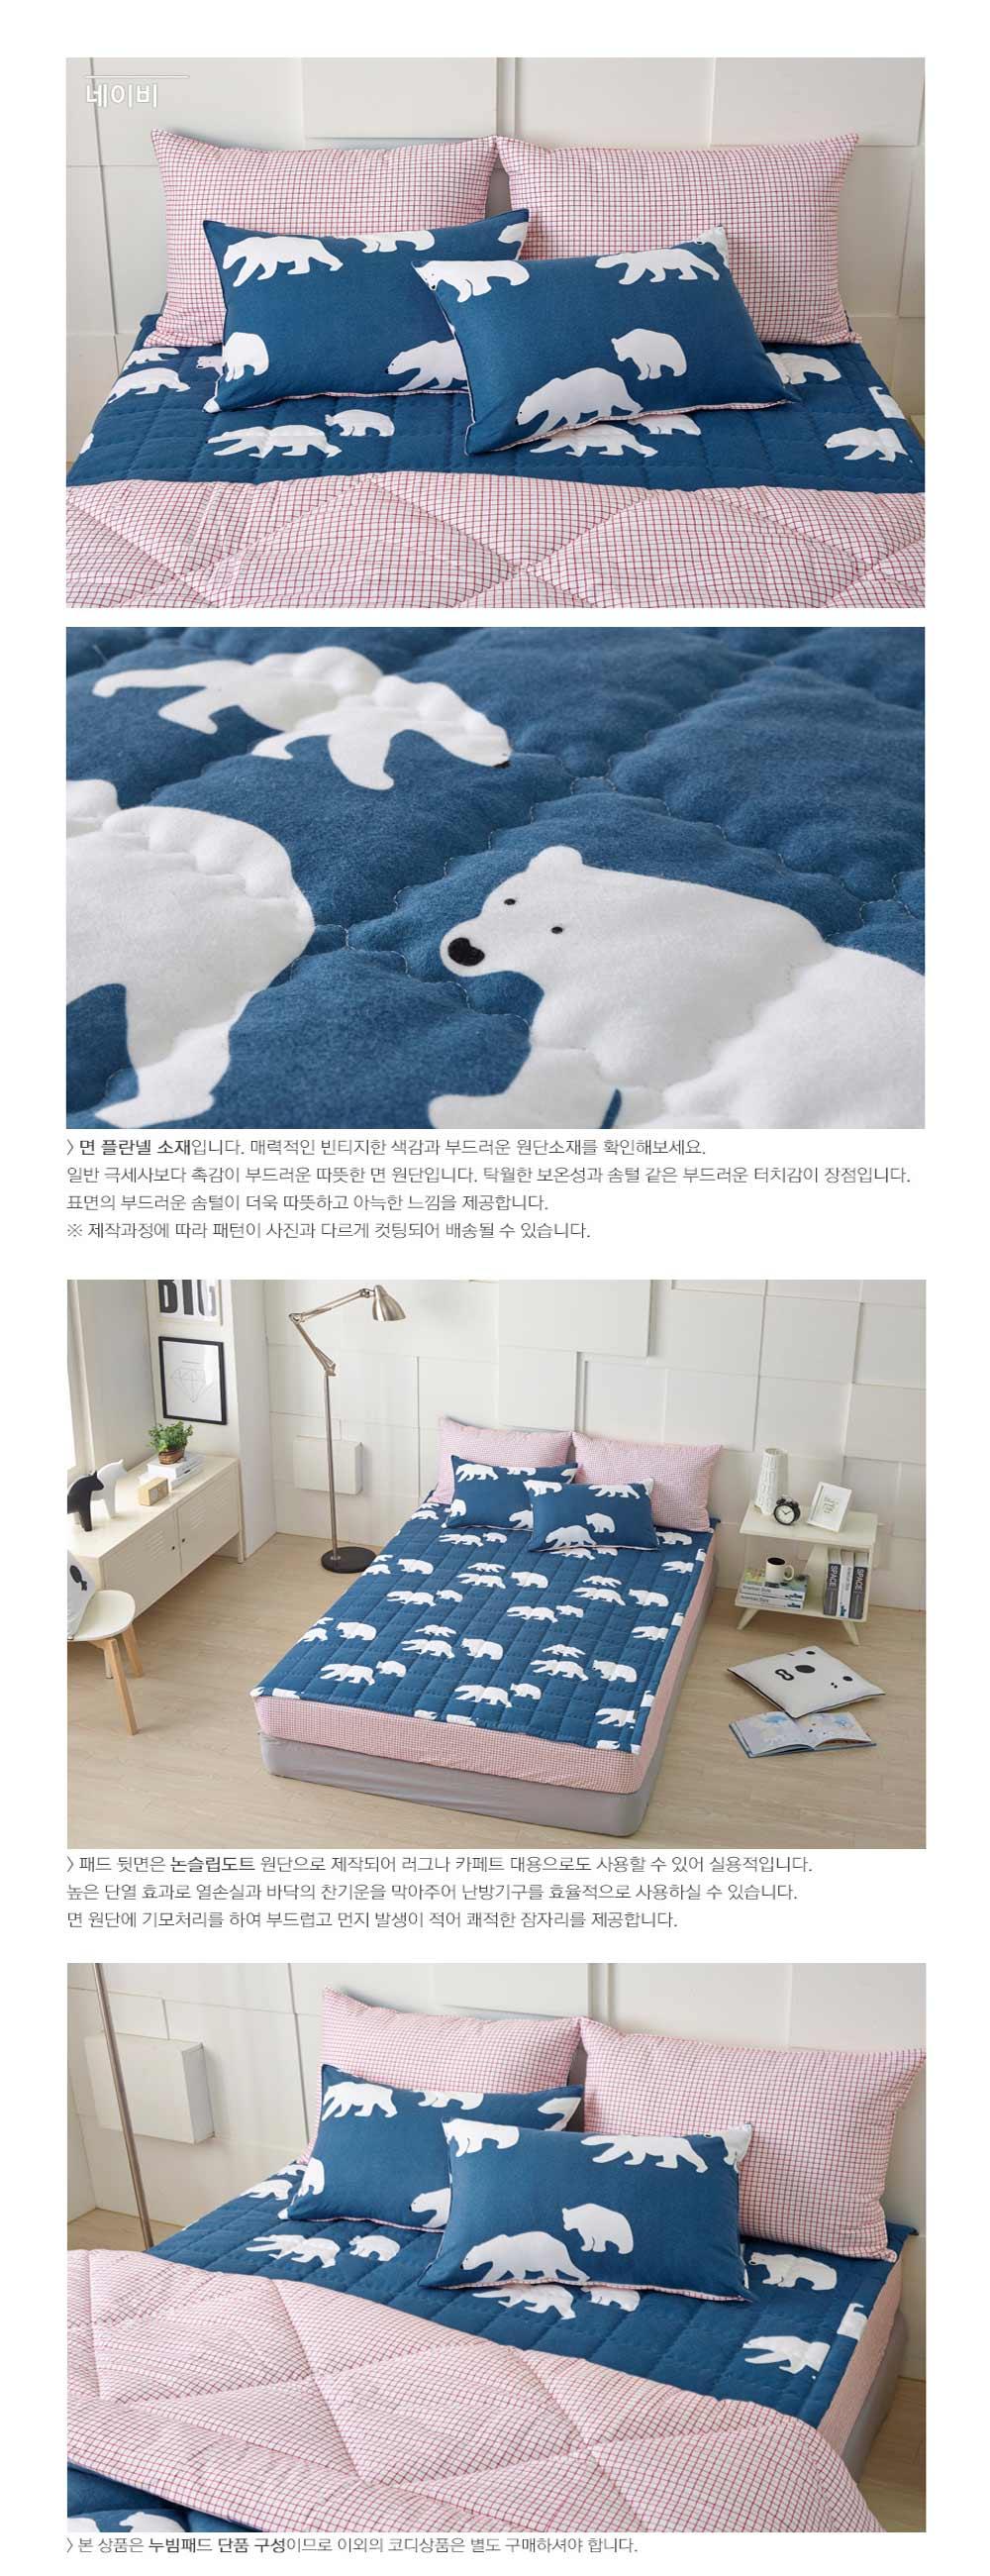 Miếng trải giường đa năng